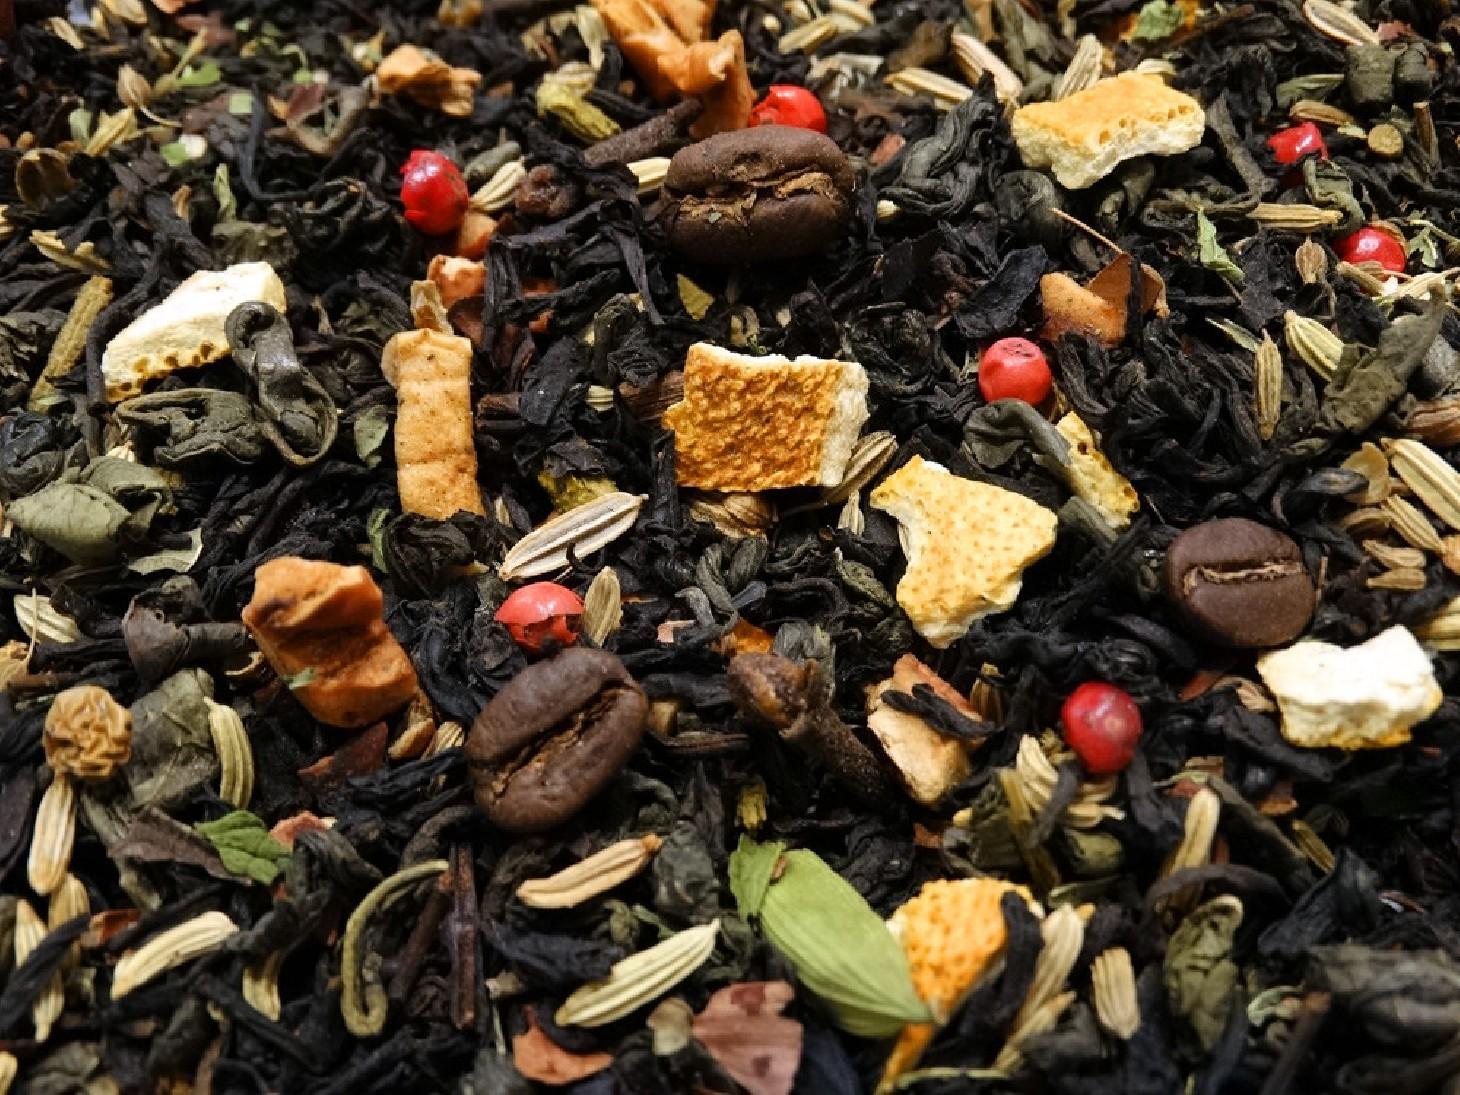 thé noir et vert aromatisé dashan moka loge création tea & cie maison de thé www.teacie.com